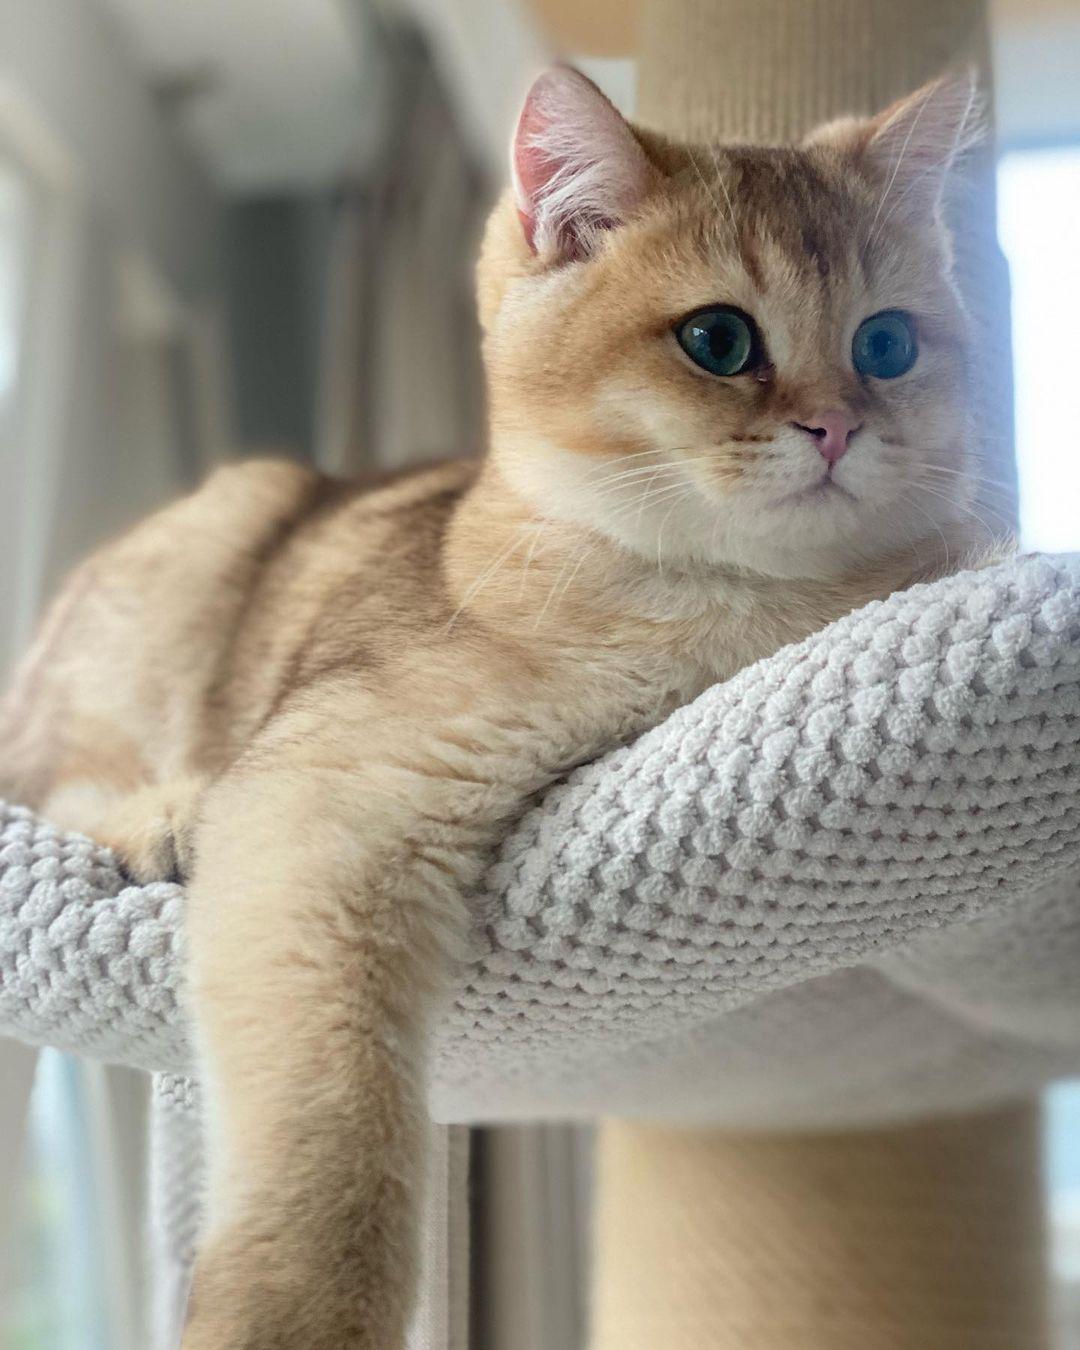 Tại sao mèo bị căng sữa? Cách điều trị tại nhà hiệu quả